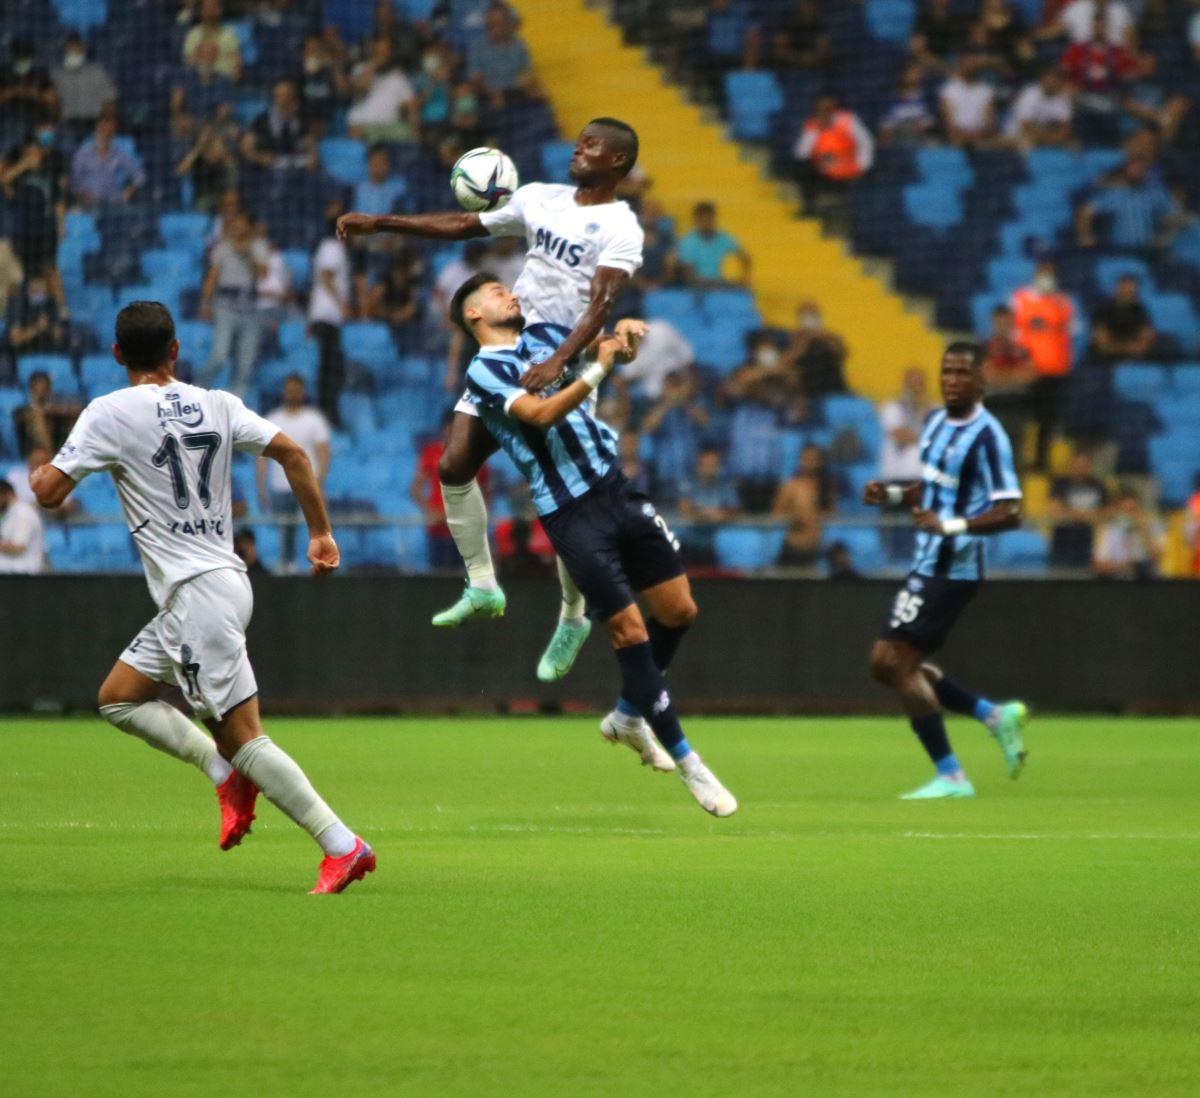 <p>Fenerbahçe yeni sezonun ilk maçında Adana'da, Adana Demirspor ile karşılaştı</p>